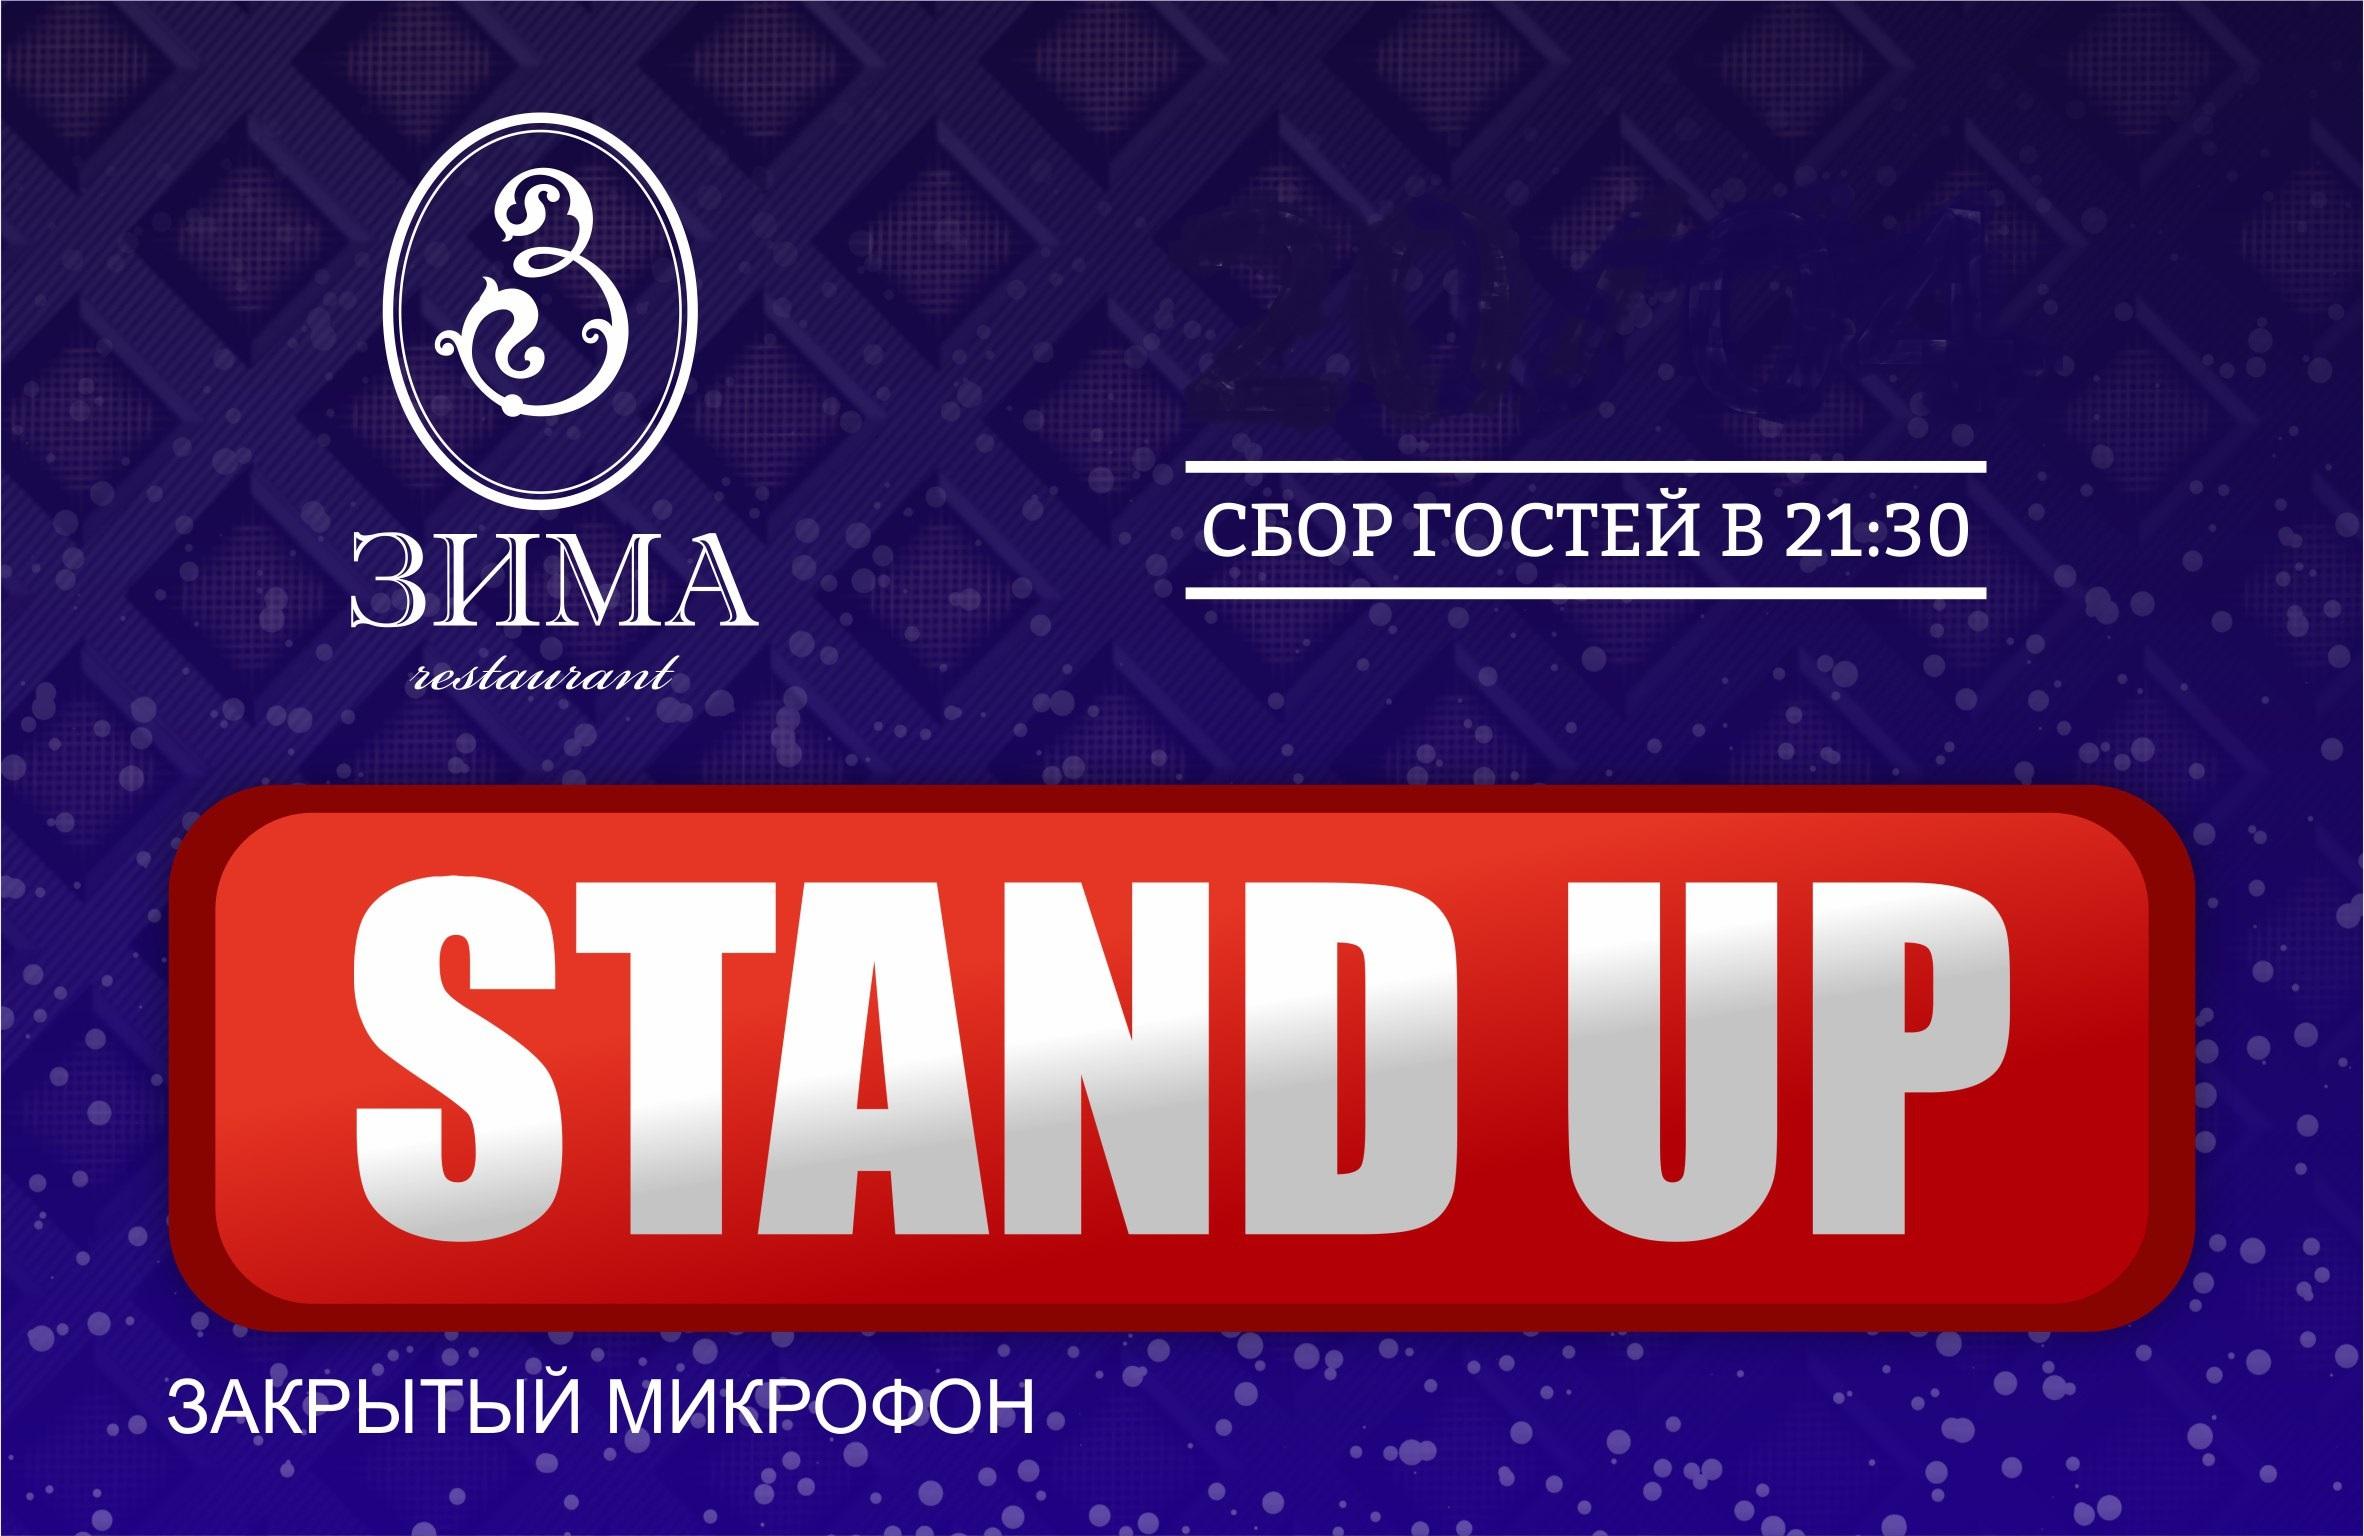 """Купить билеты на StandUP в """"Зиме"""""""